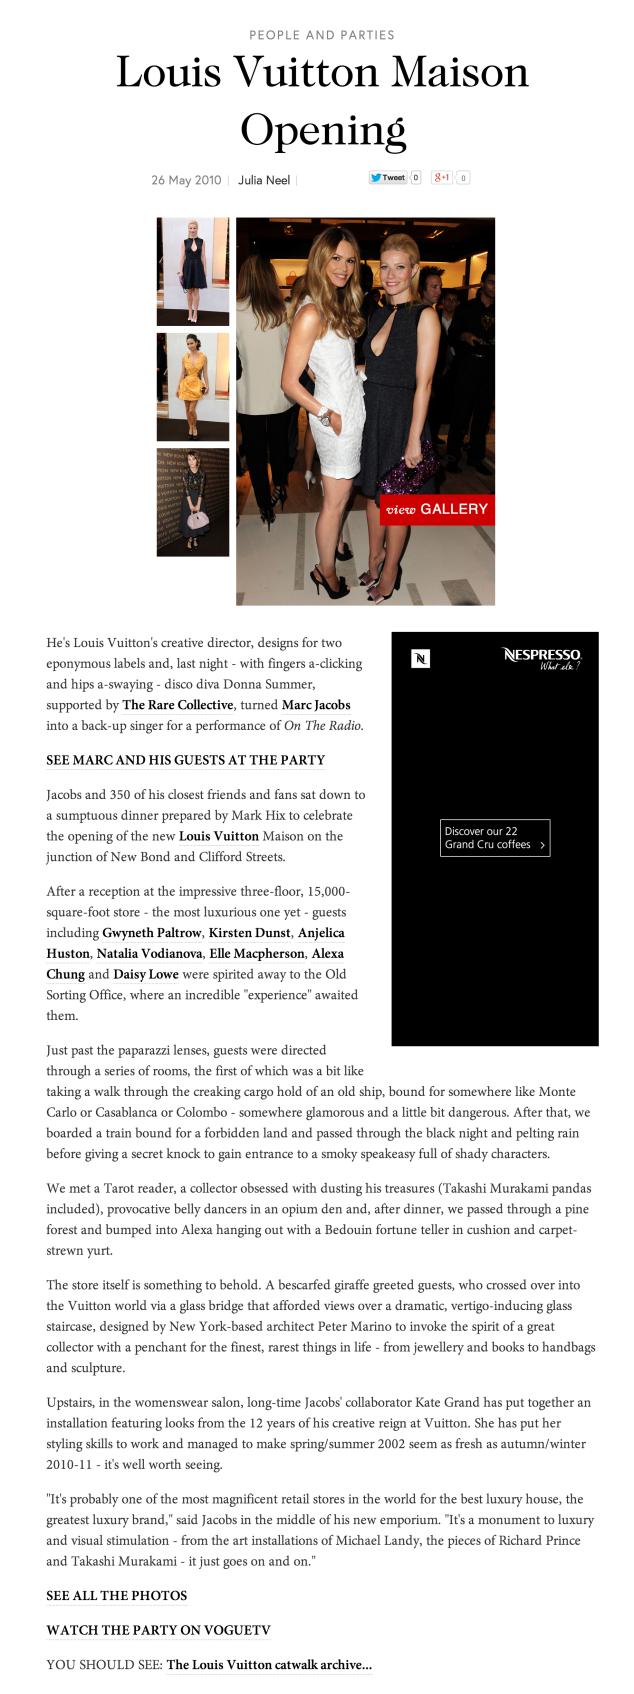 Vogue.com, Louis Vuitton Maison Launch Party